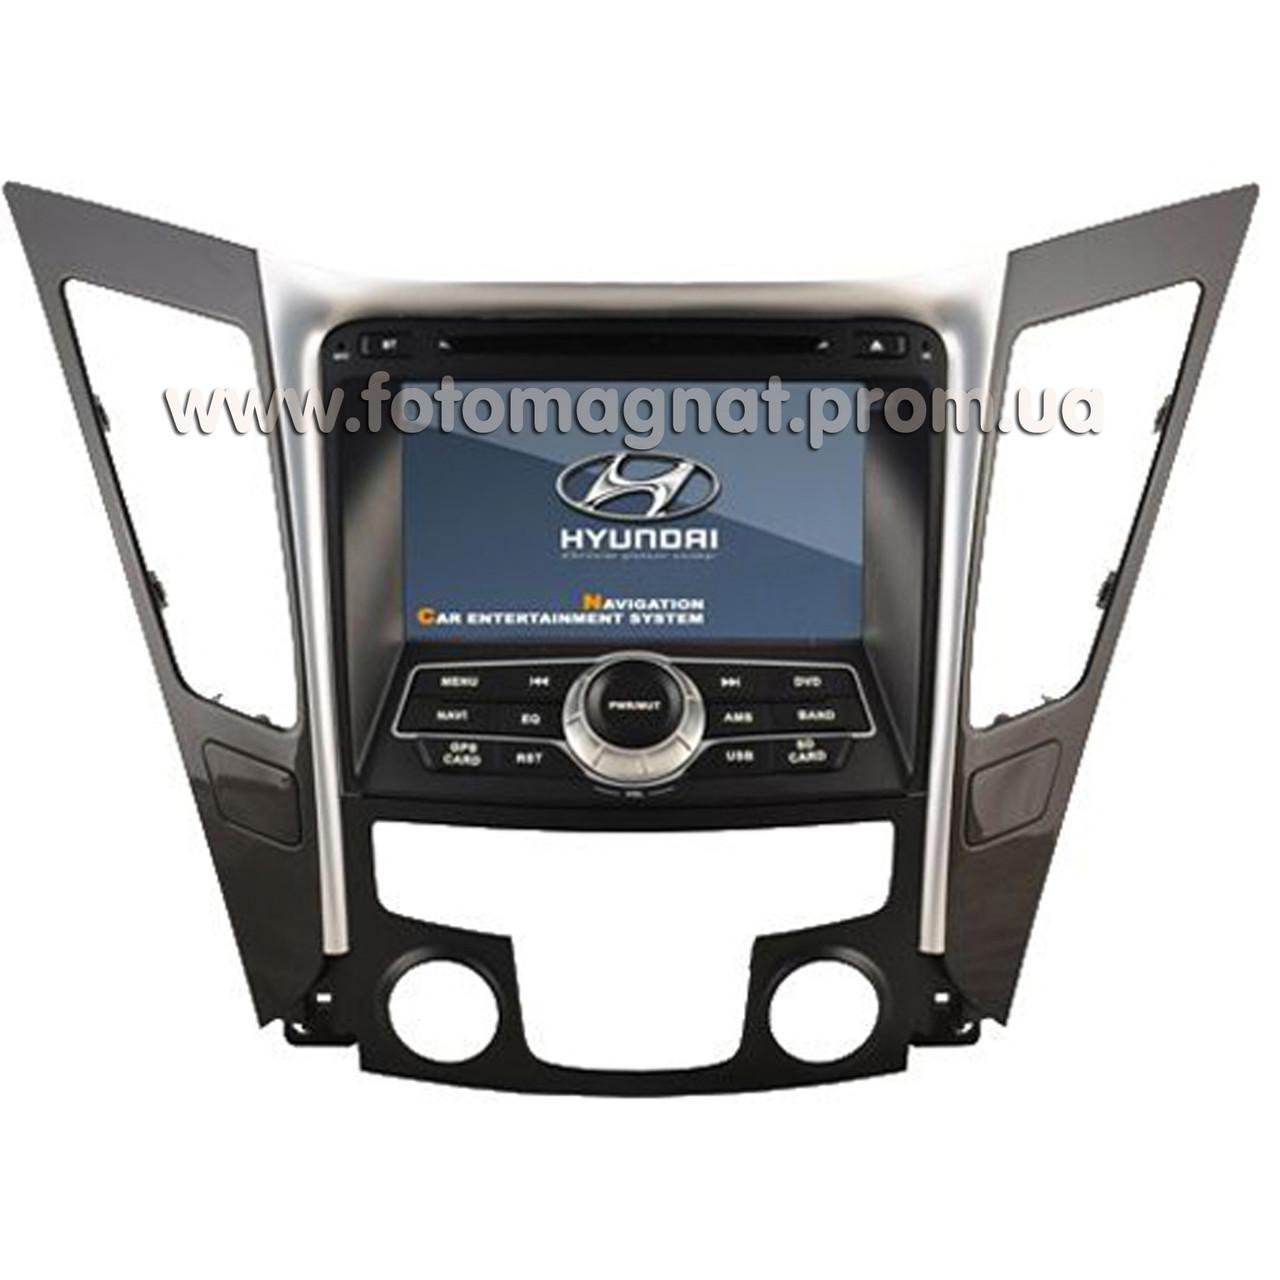 """Штатная магнитола """"Hyundai Sonata"""" - Fotomagnat.net — Выгодные покупки начинаются здесь в Днепре"""